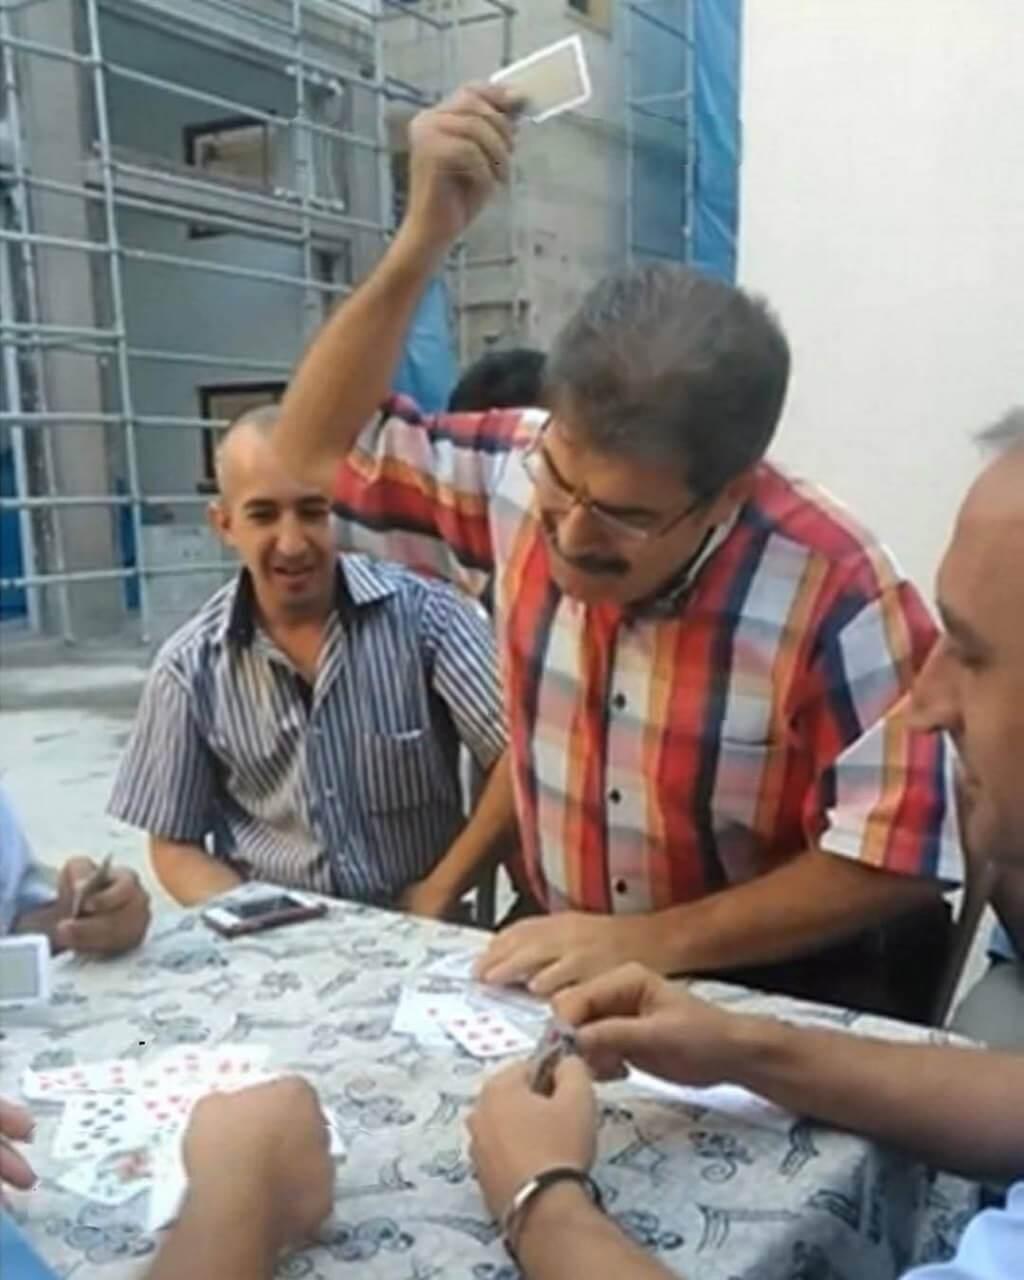 Plantilla de Hombre poniendo las cartas sobre la mesa